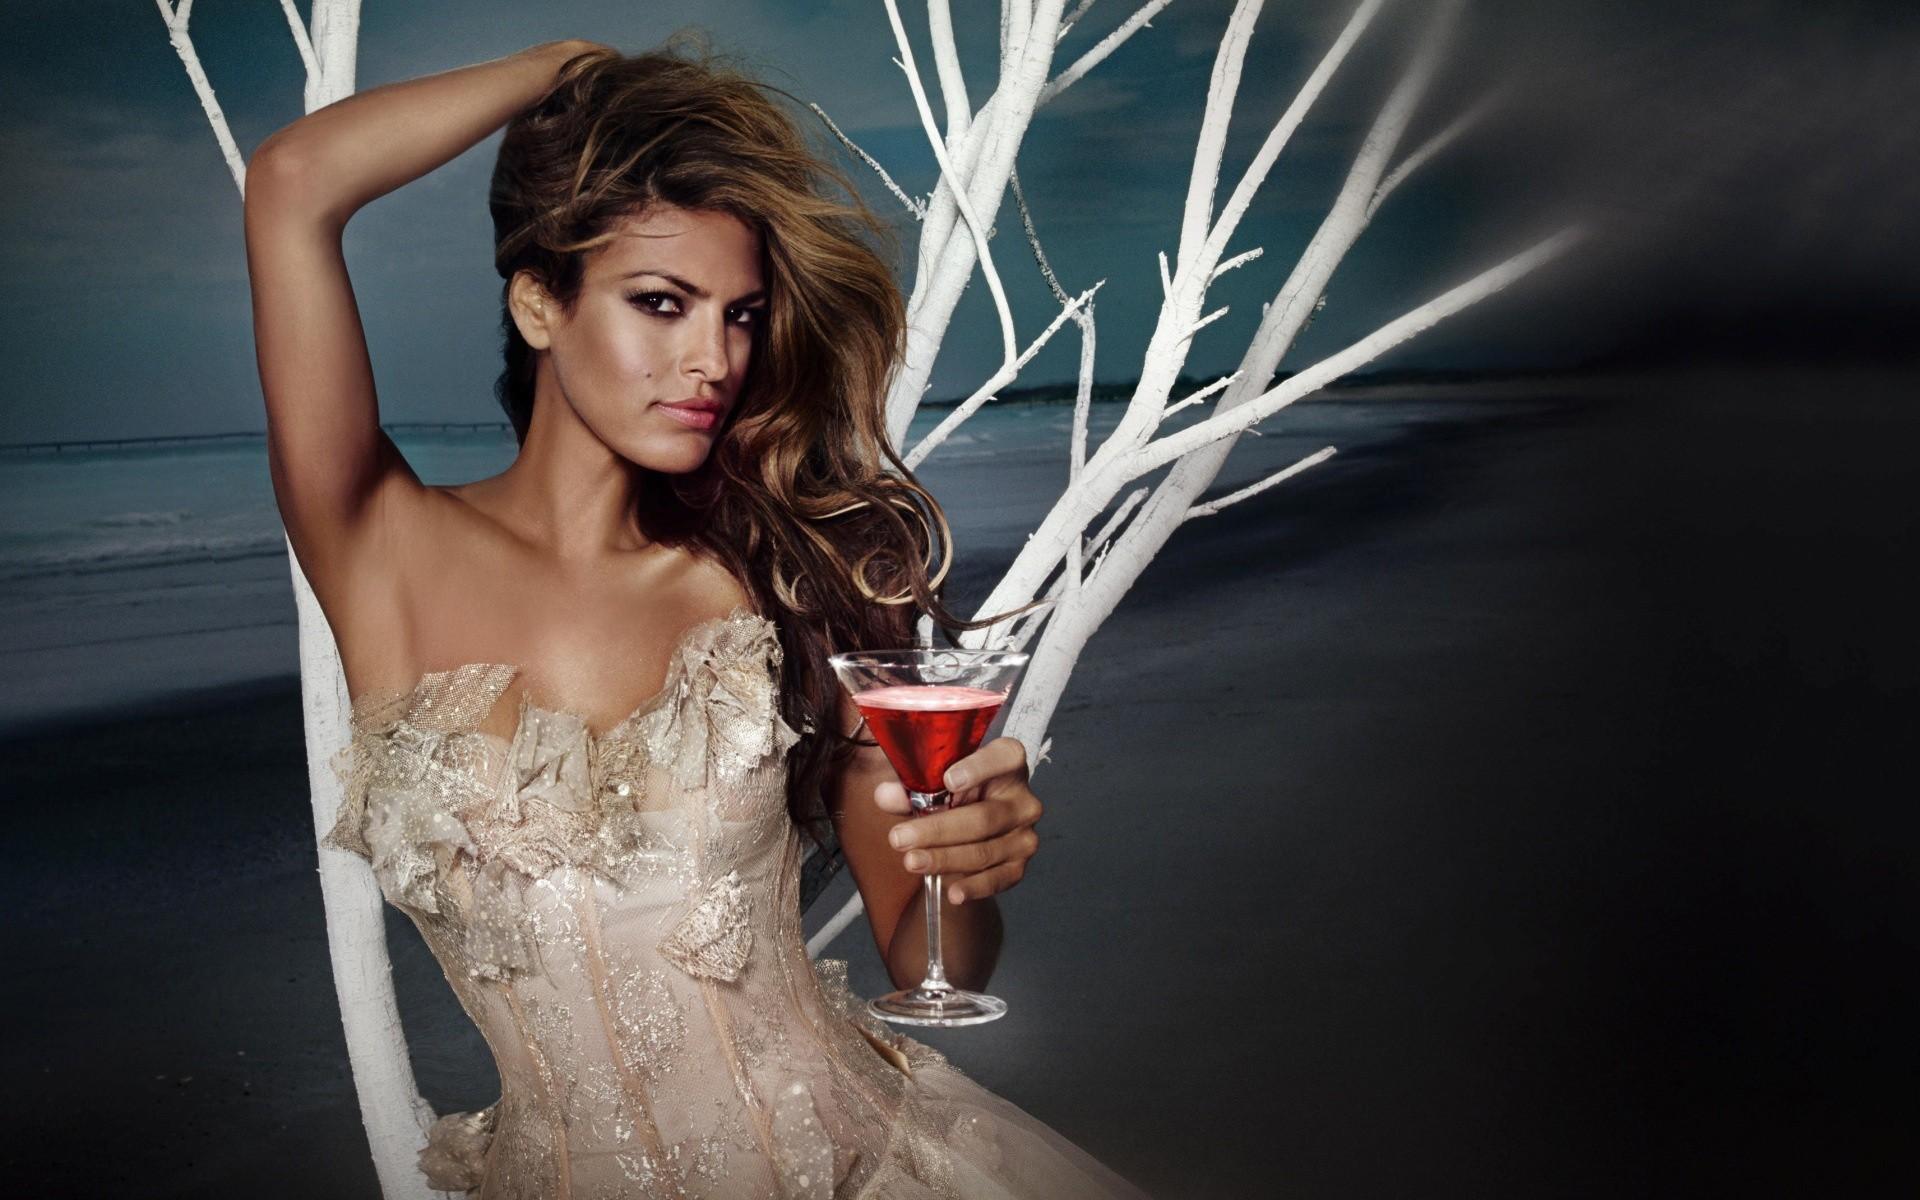 возбуждающий коктейль,День святого Валентина,афродизиаки,продукты-афродизиаки